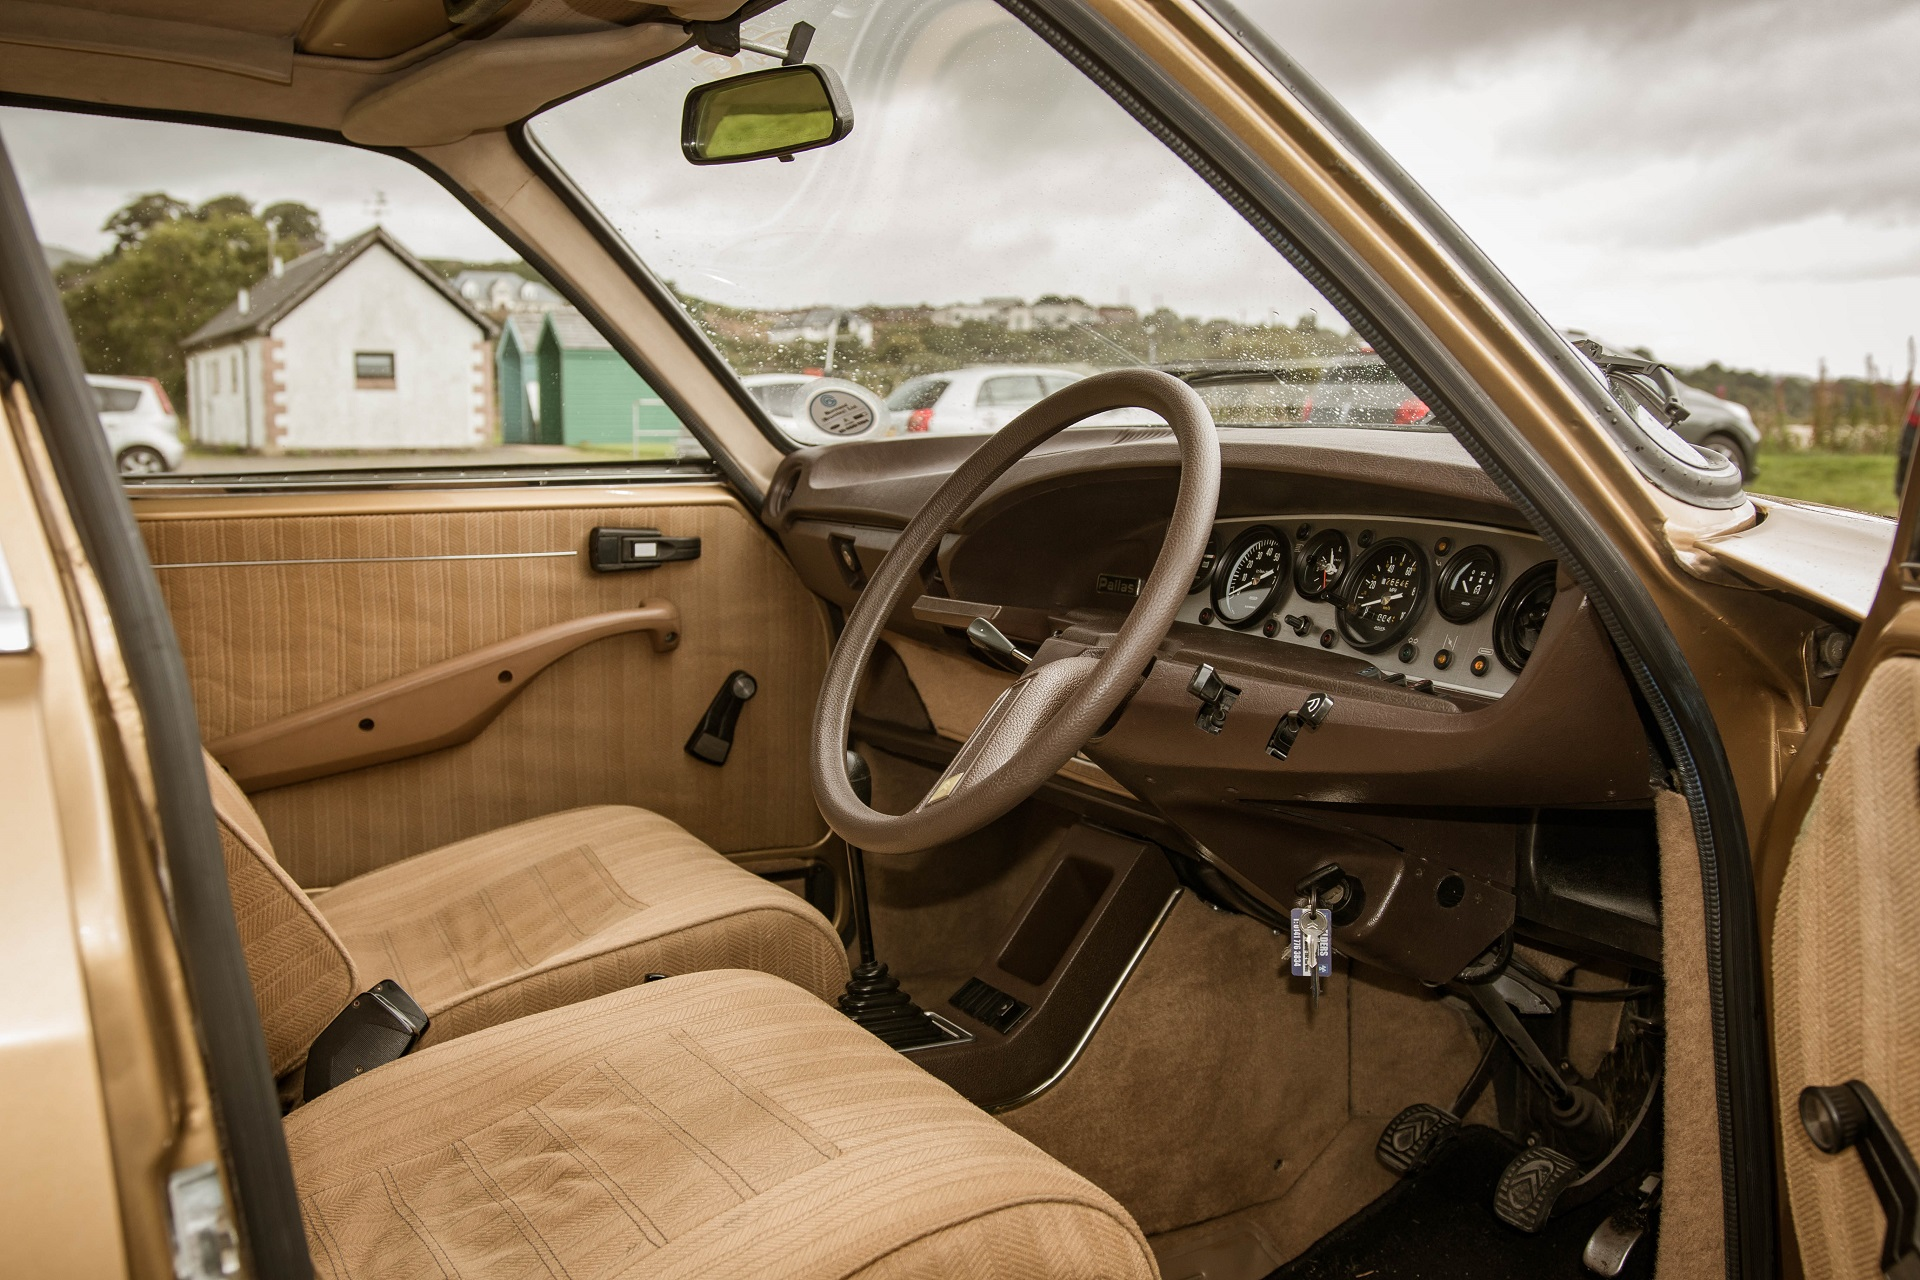 GS interior